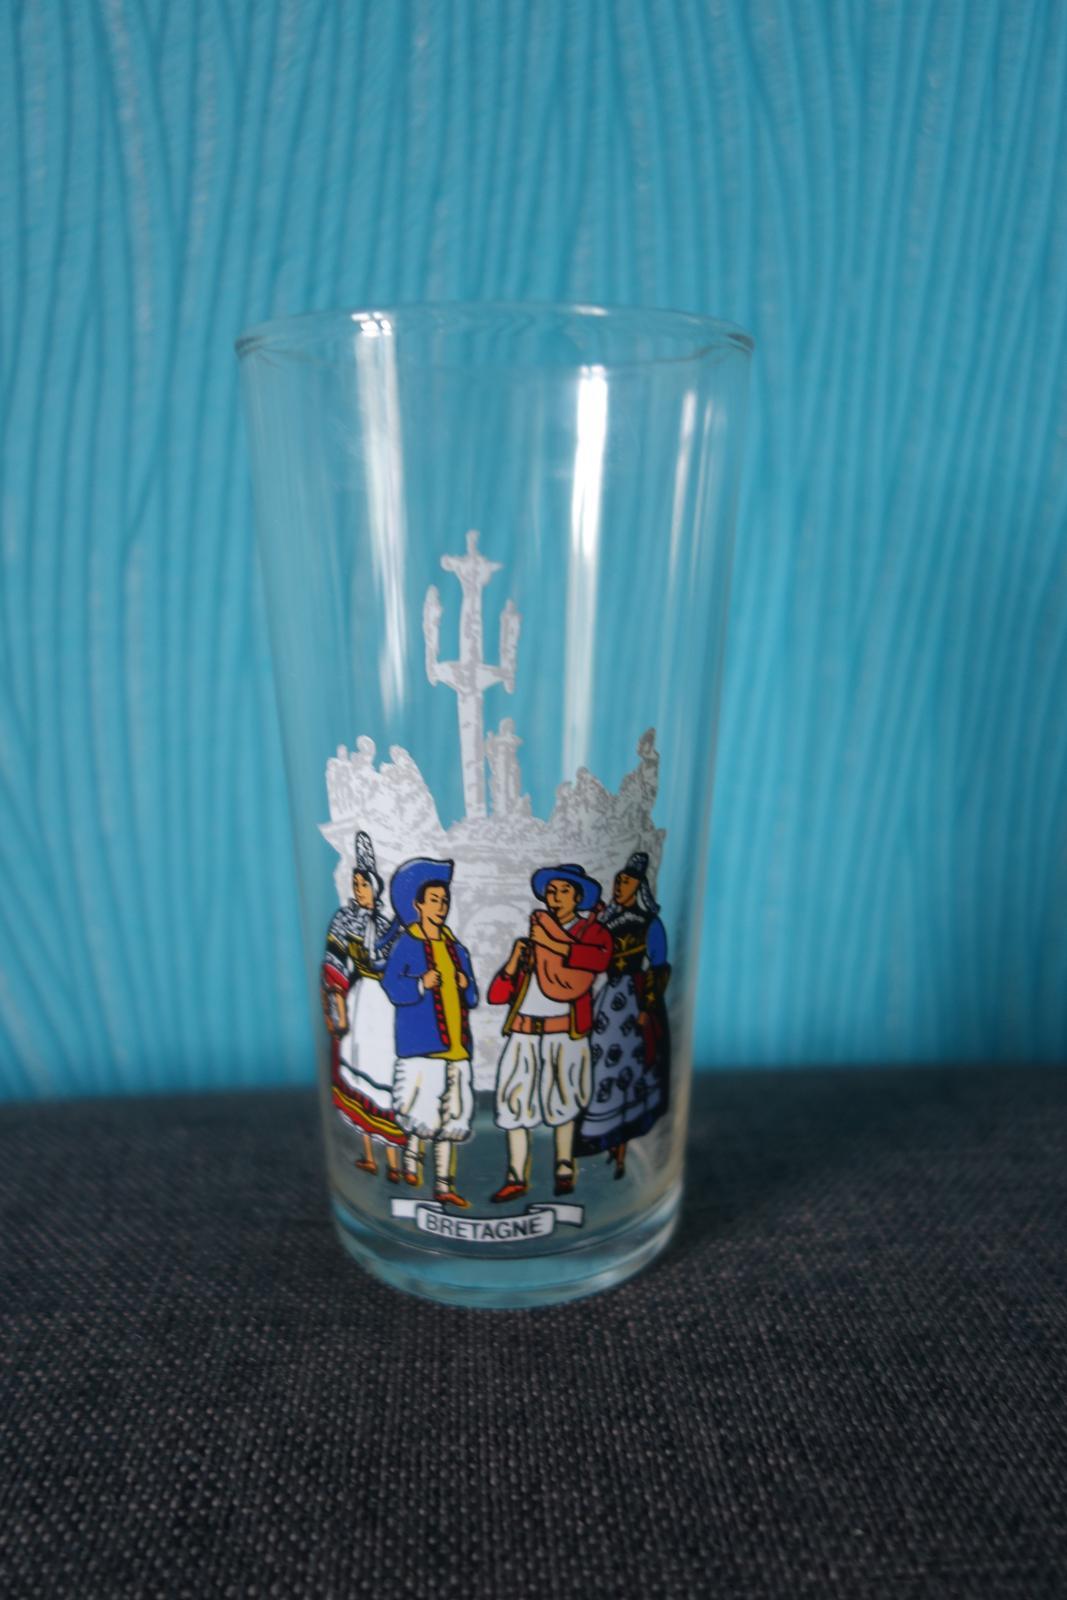 Pamätný pohárik Bretagne zn. Reims France - Obrázok č. 1